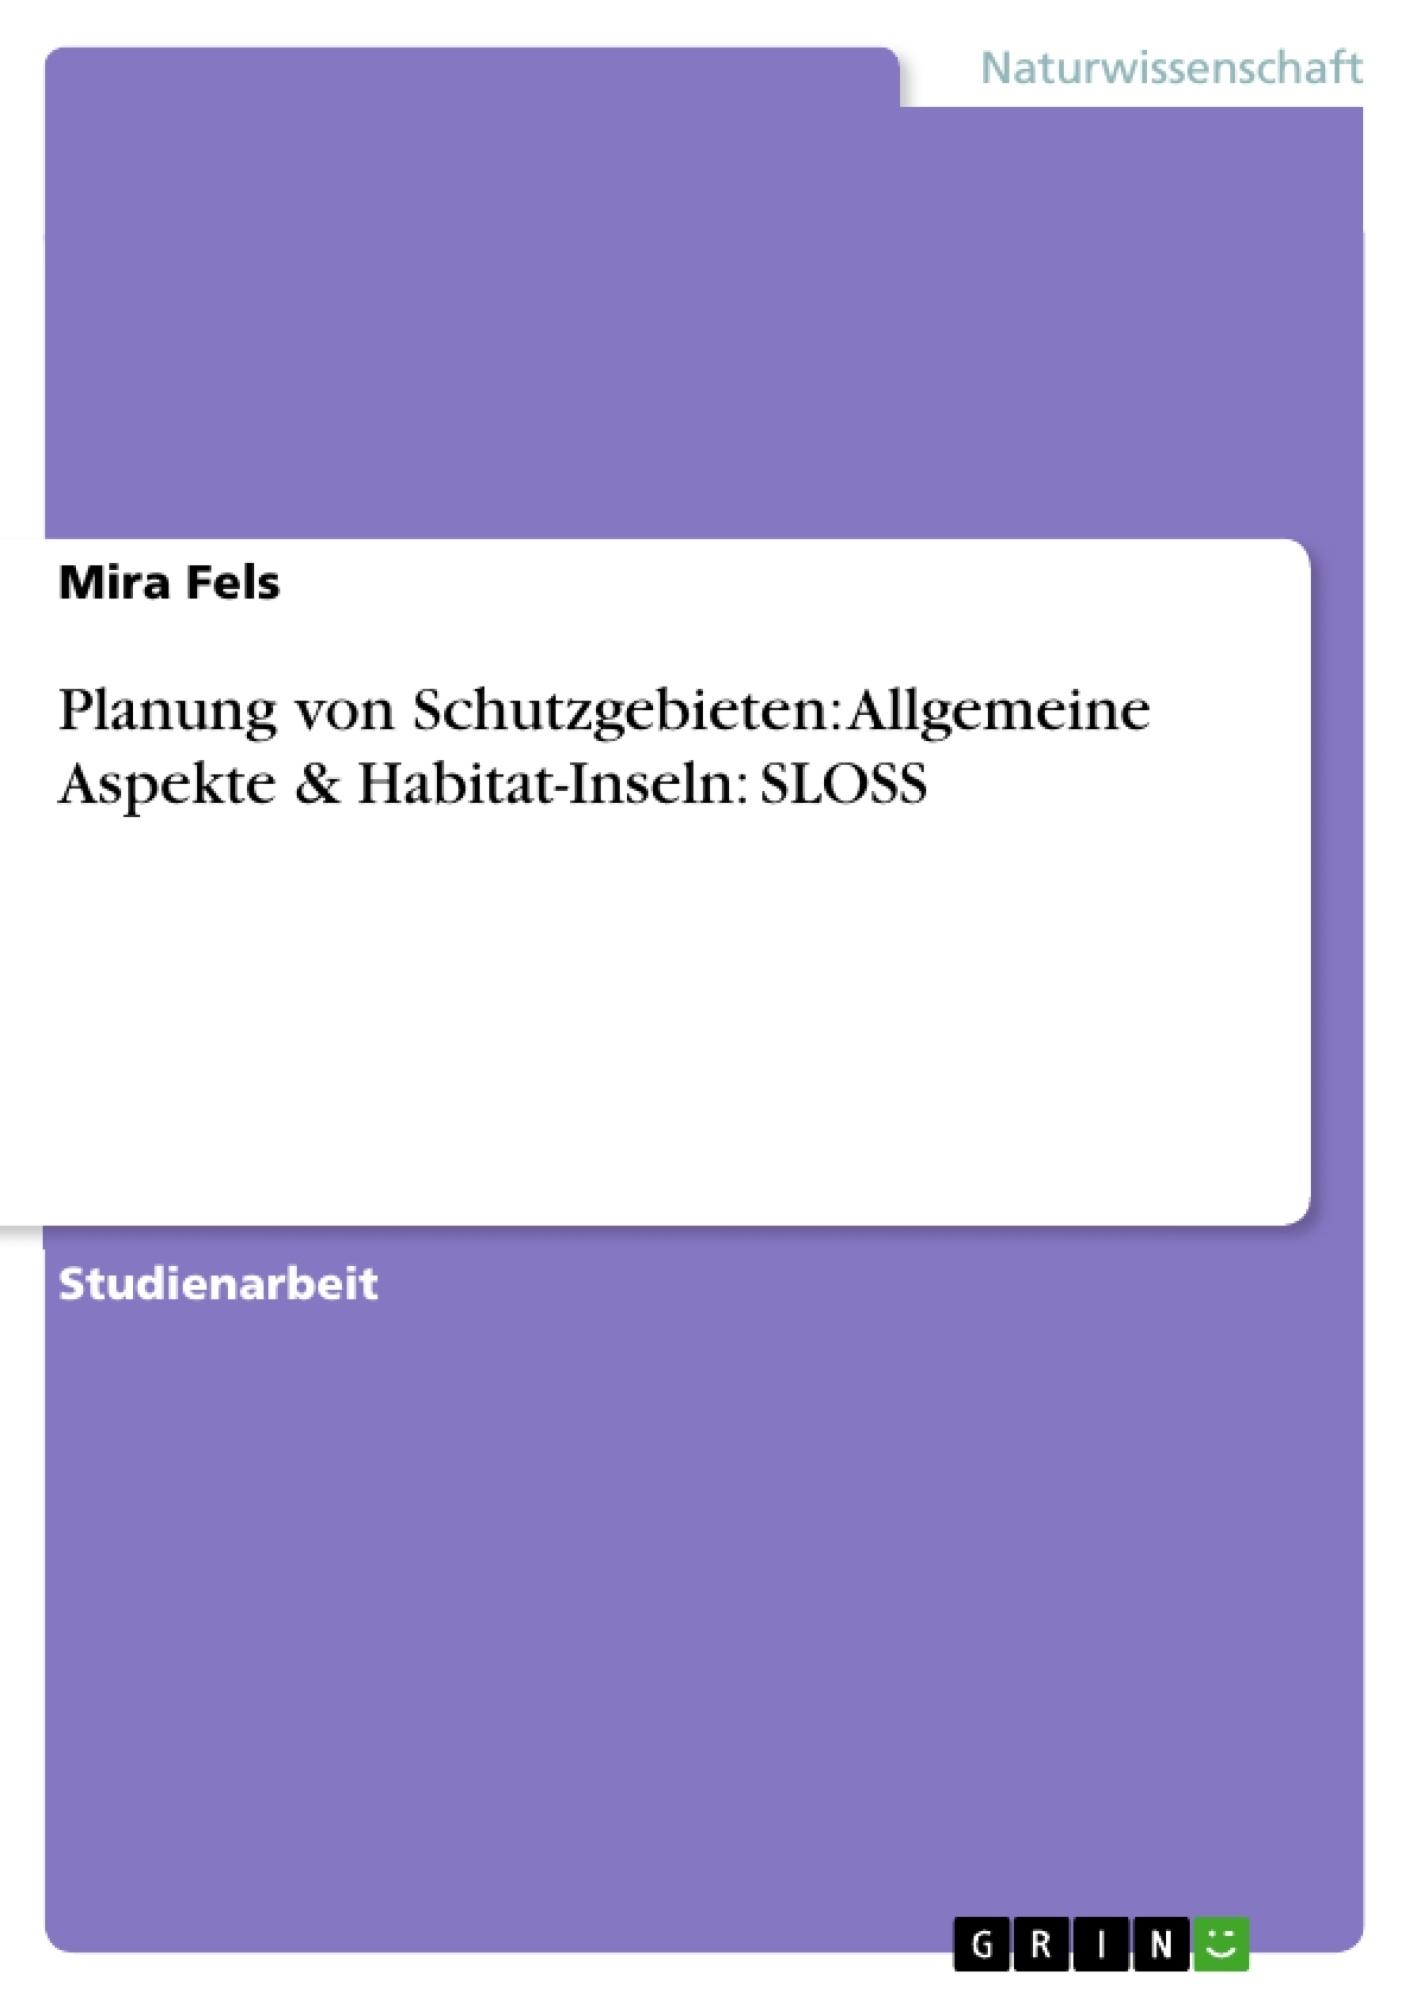 Titel: Planung von Schutzgebieten: Allgemeine Aspekte & Habitat-Inseln:  SLOSS